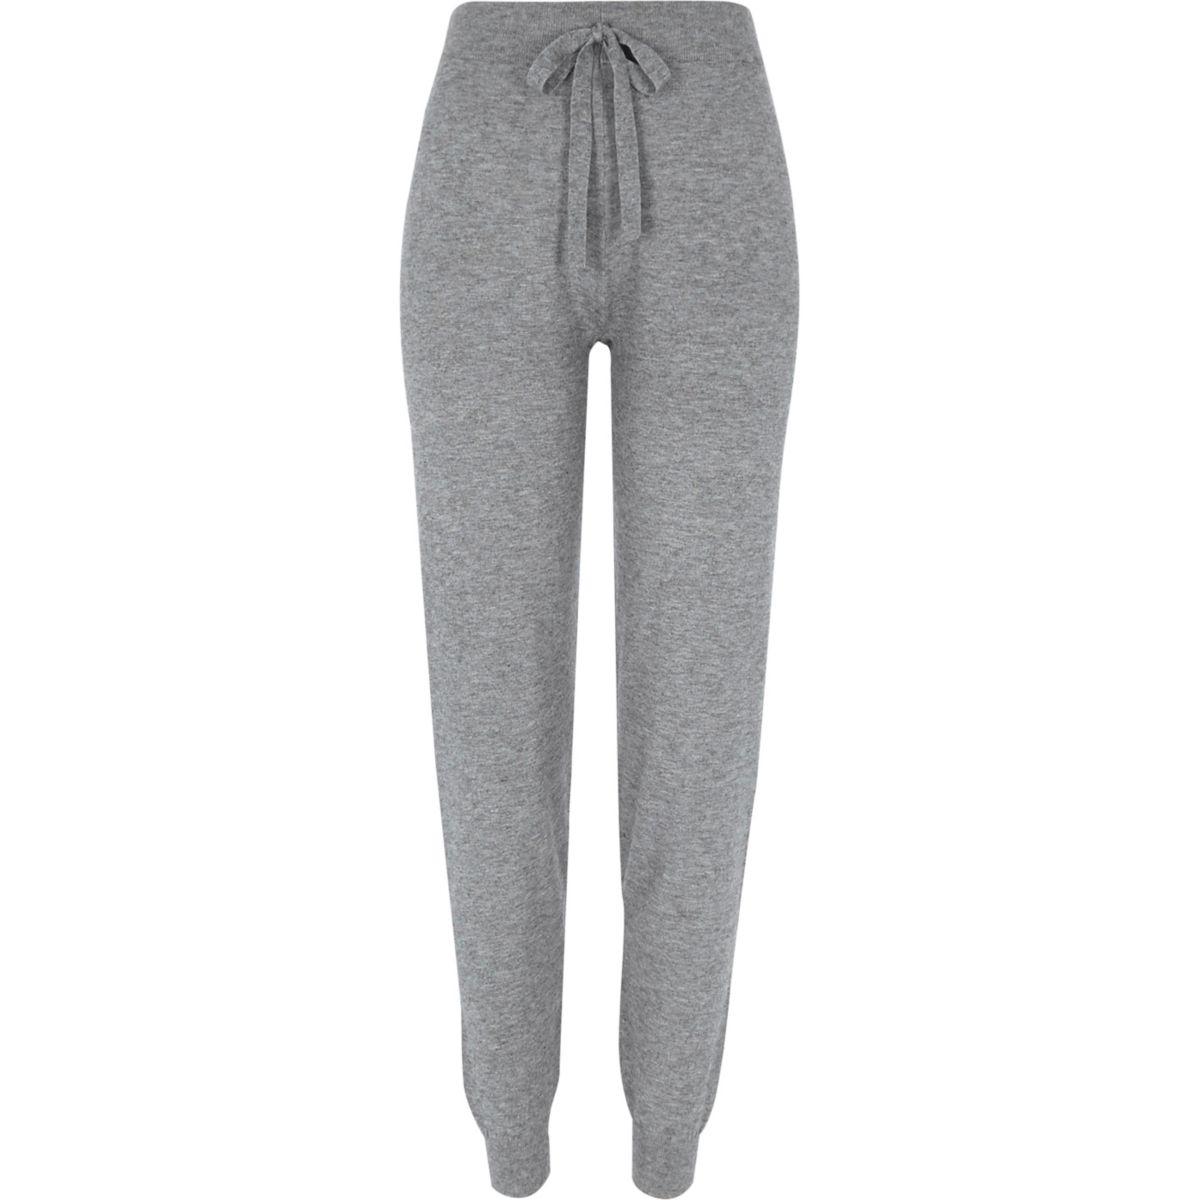 Pantalon de jogging en maille gris avec rayures